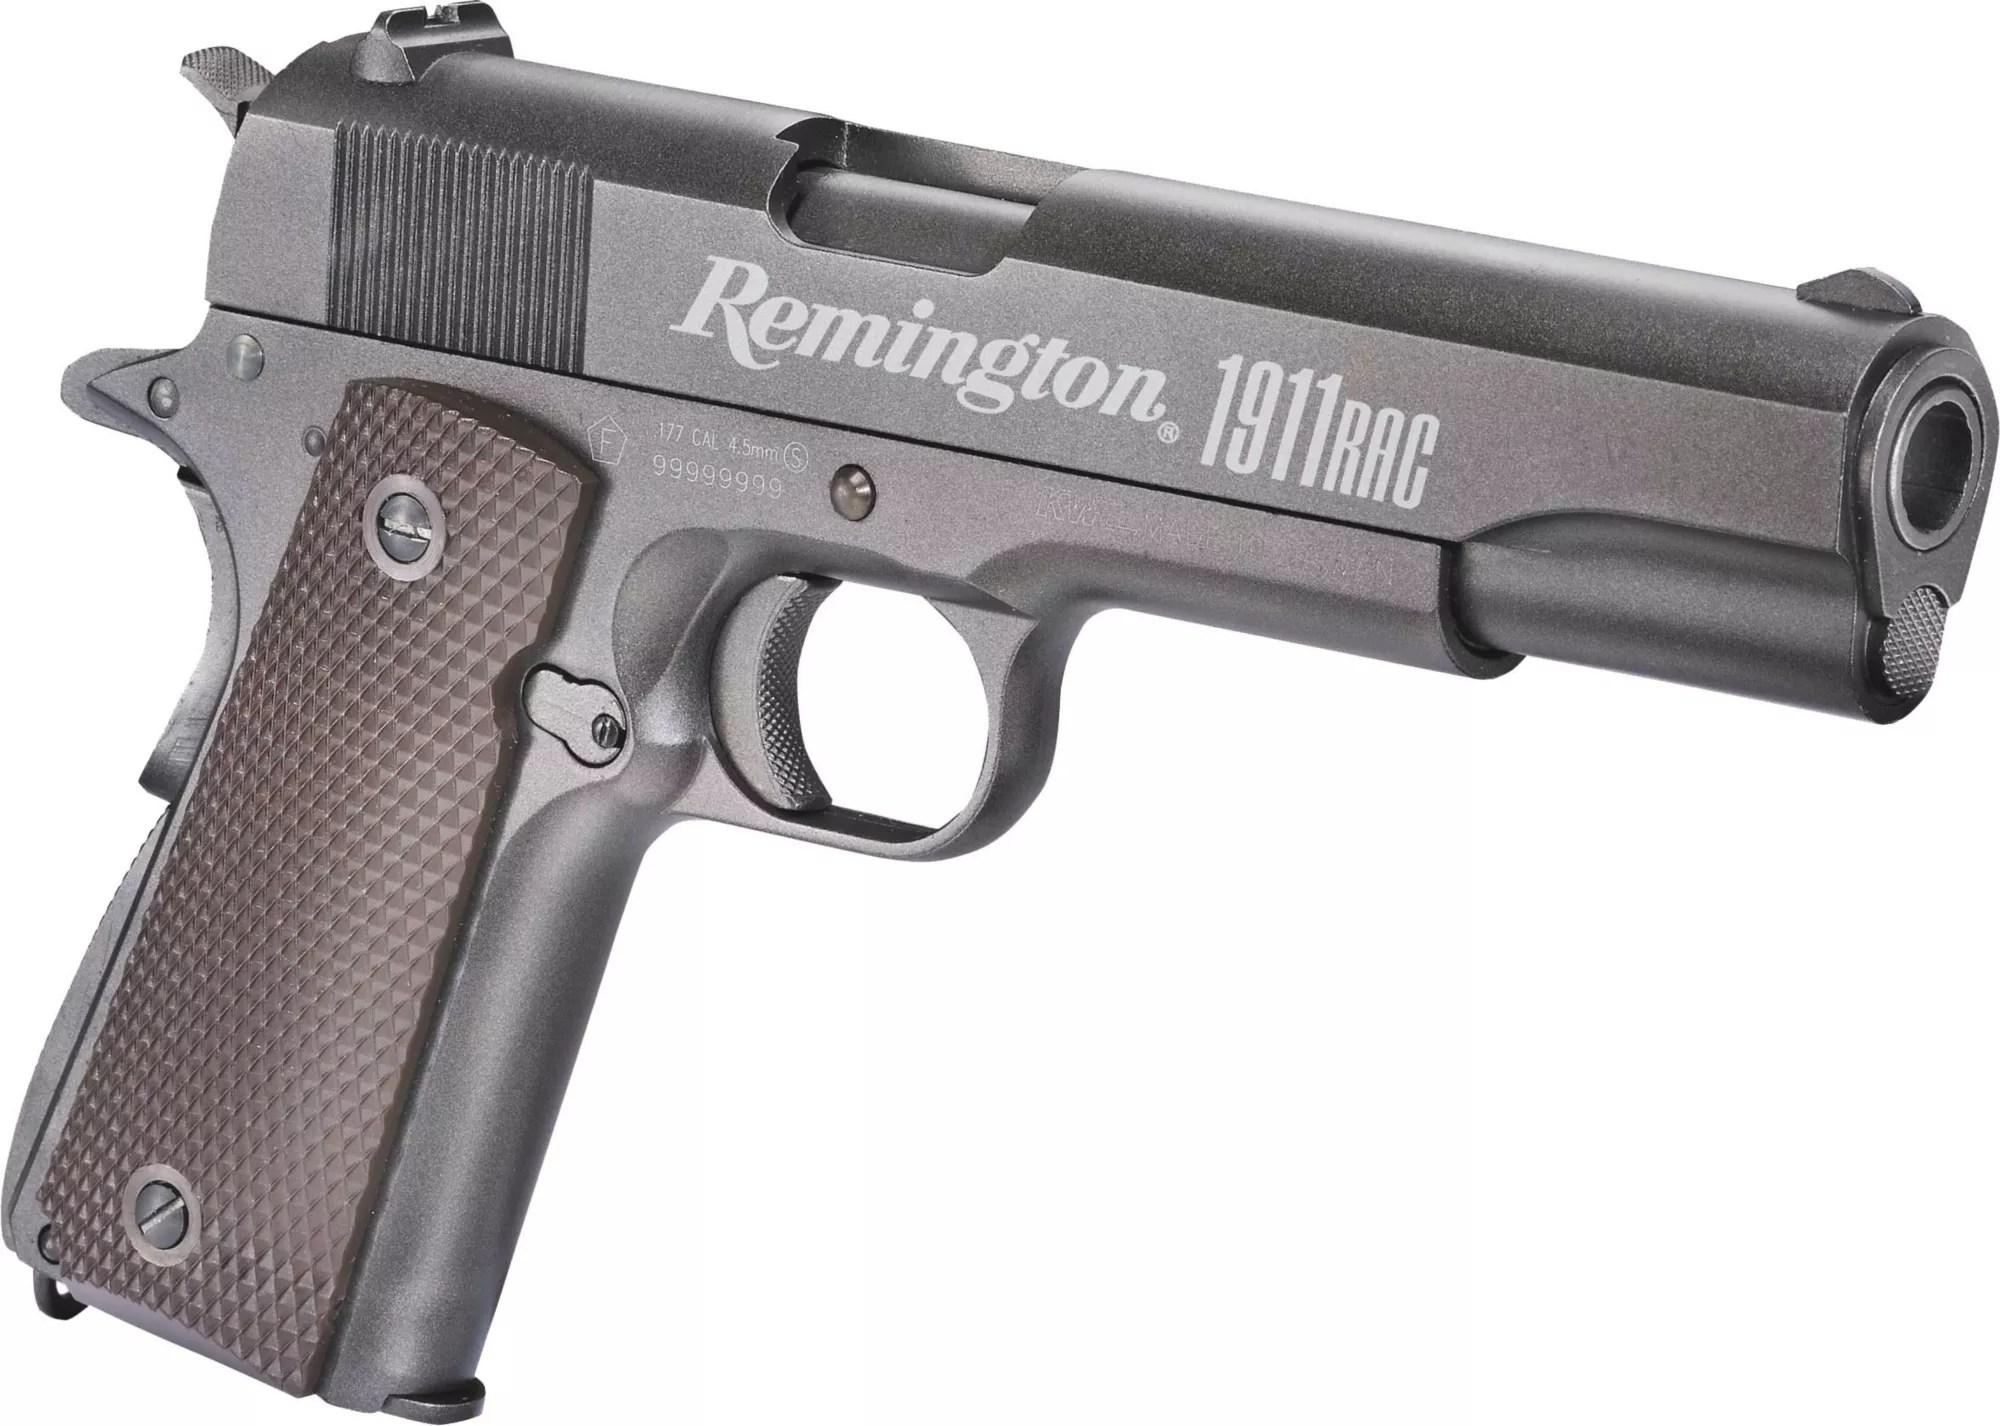 remington 1911rac blowback bb gun 1 [ 1080 x 770 Pixel ]